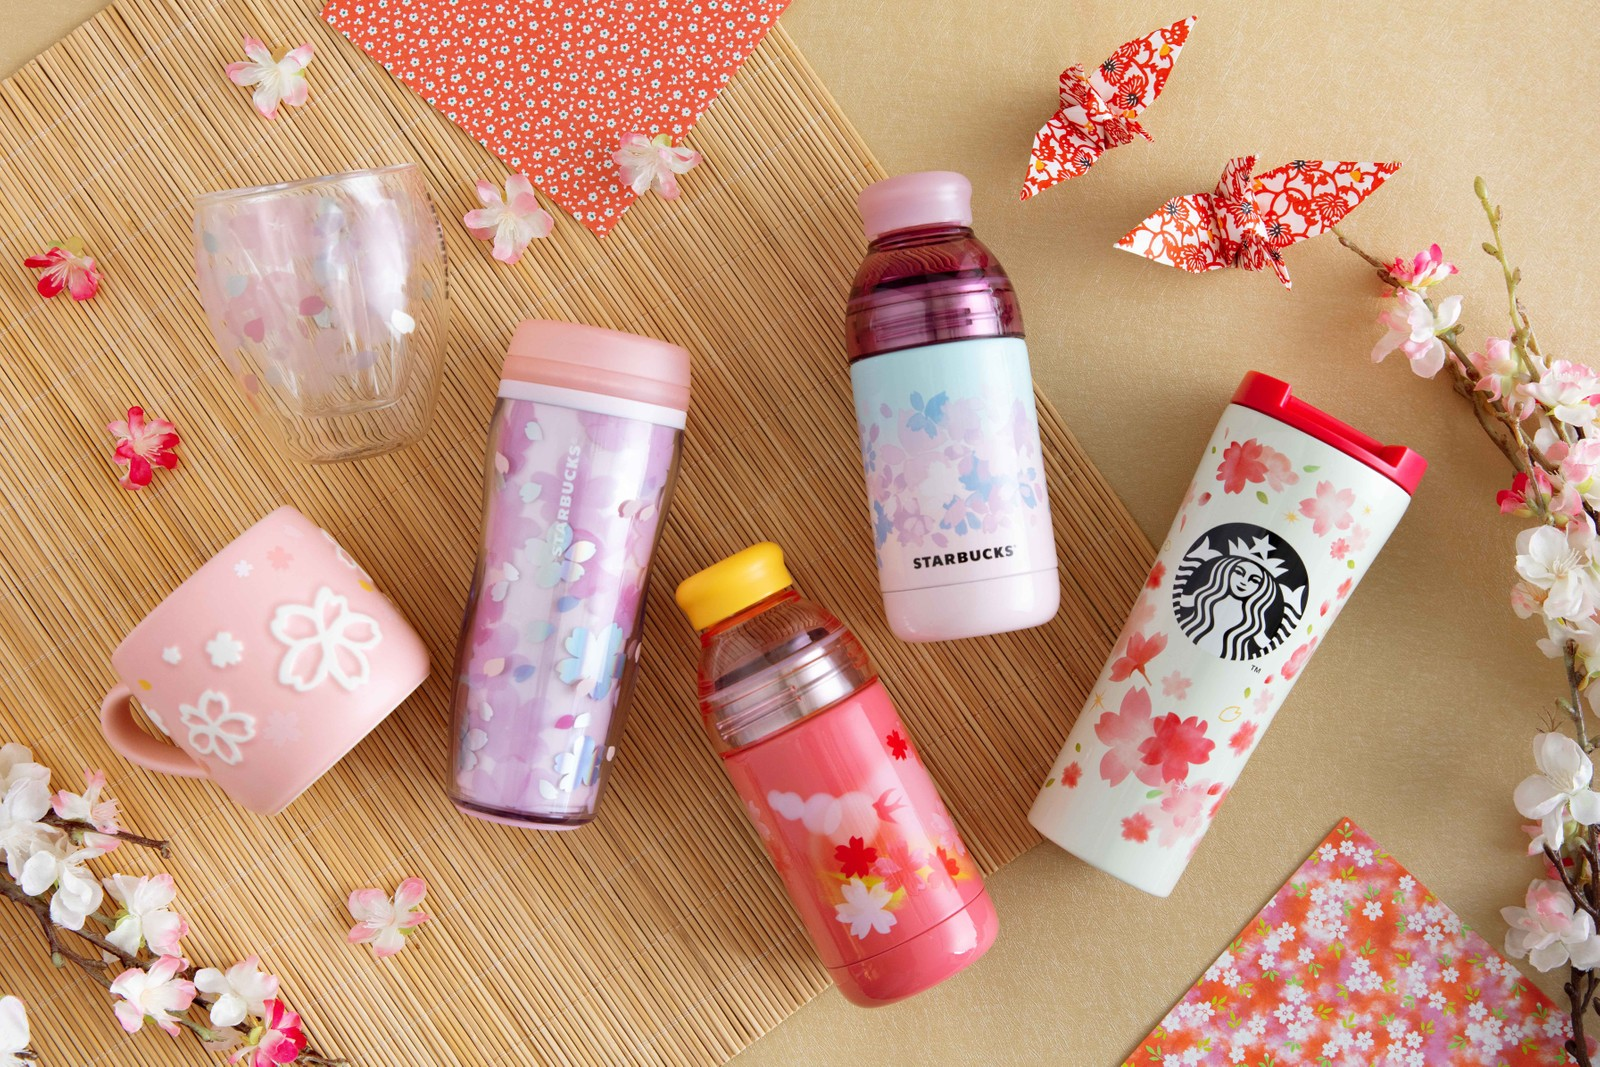 香港 Starbucks 推出全新迷你星巴克分店模型